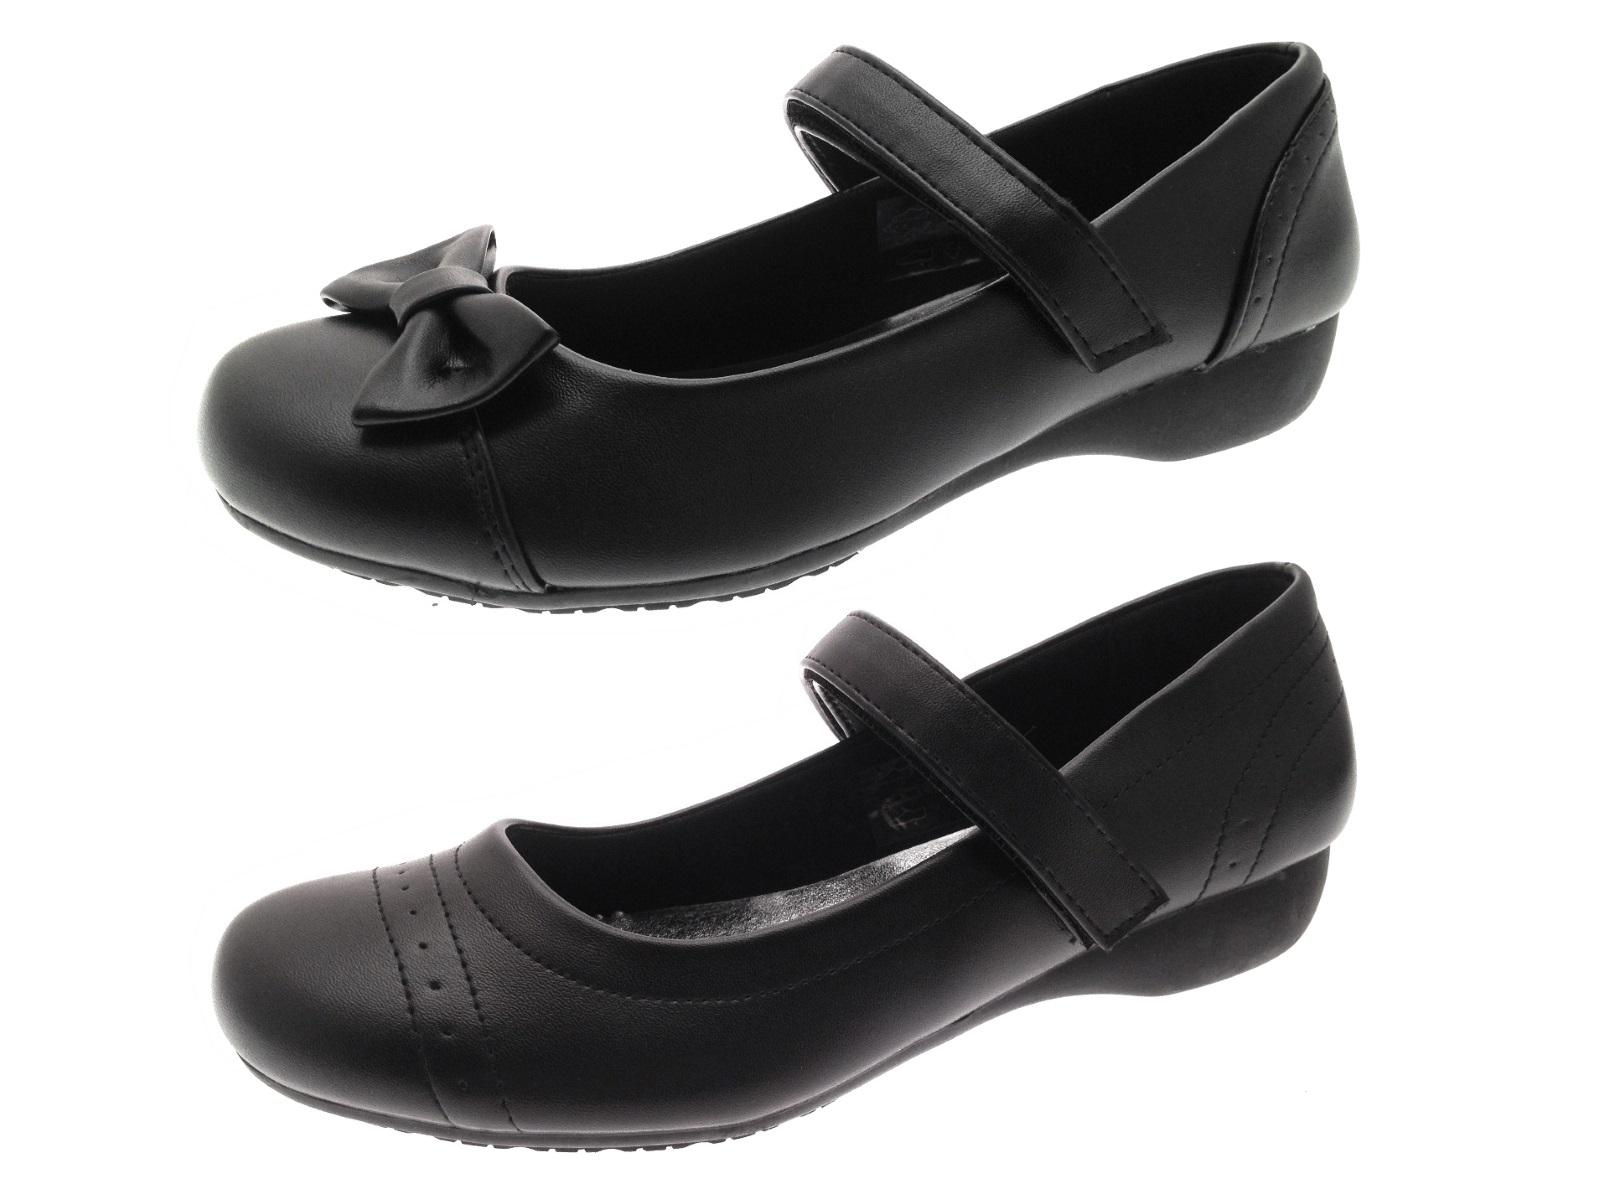 Bridal Mary Jane Shoes Uk